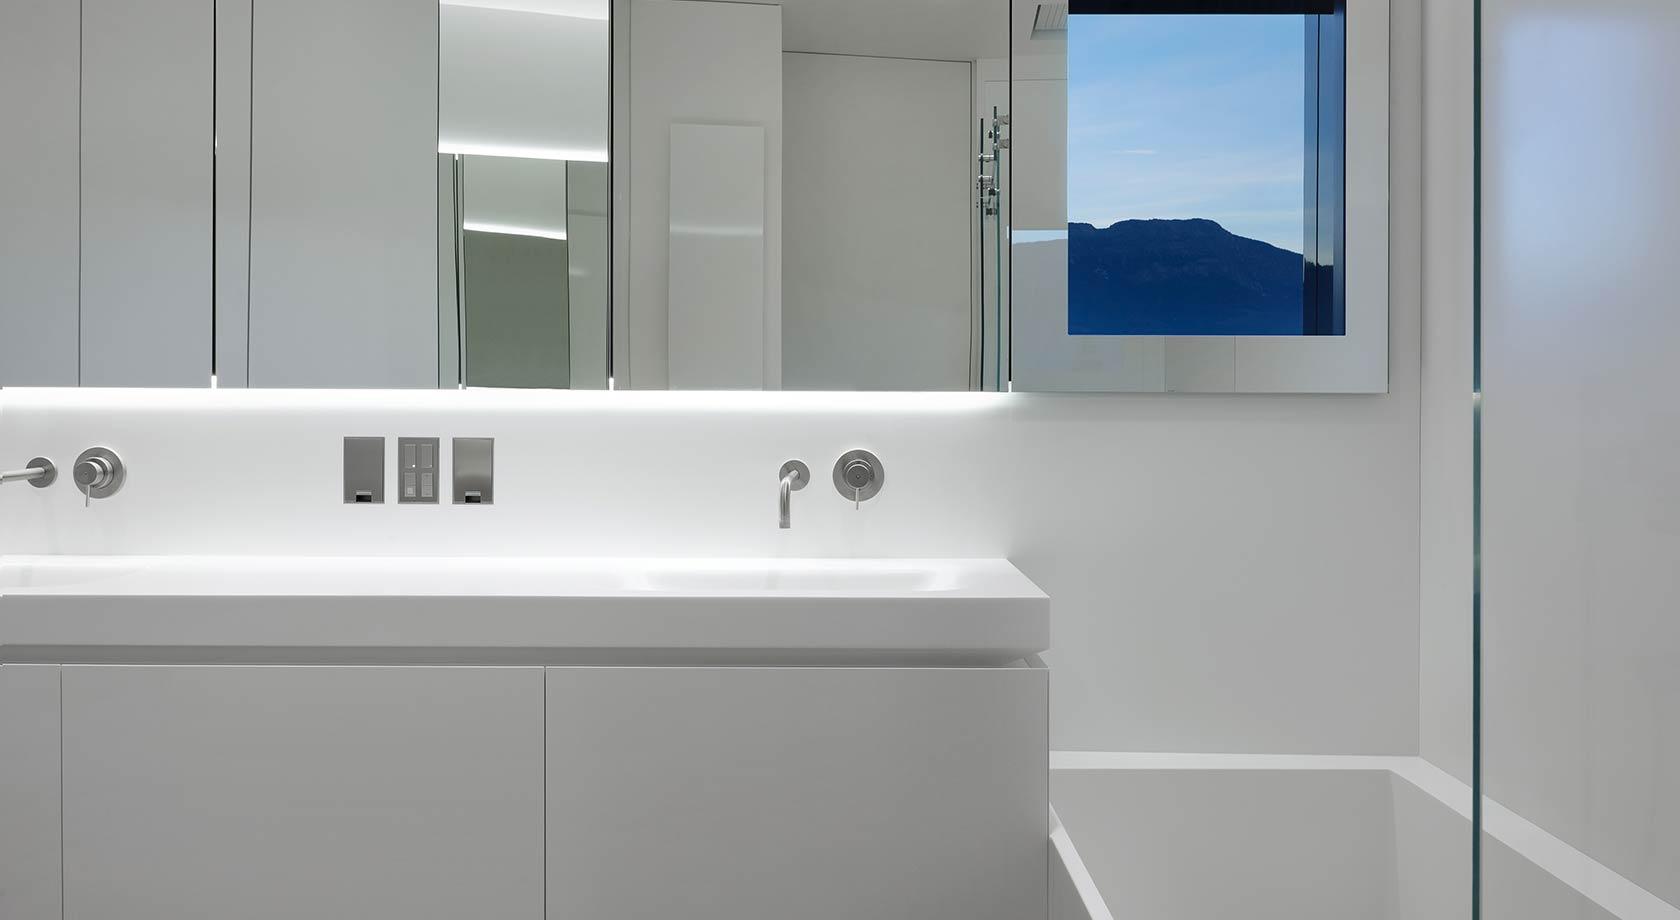 Rivestimento pareti bagno in corian realizzazione su misura in corian